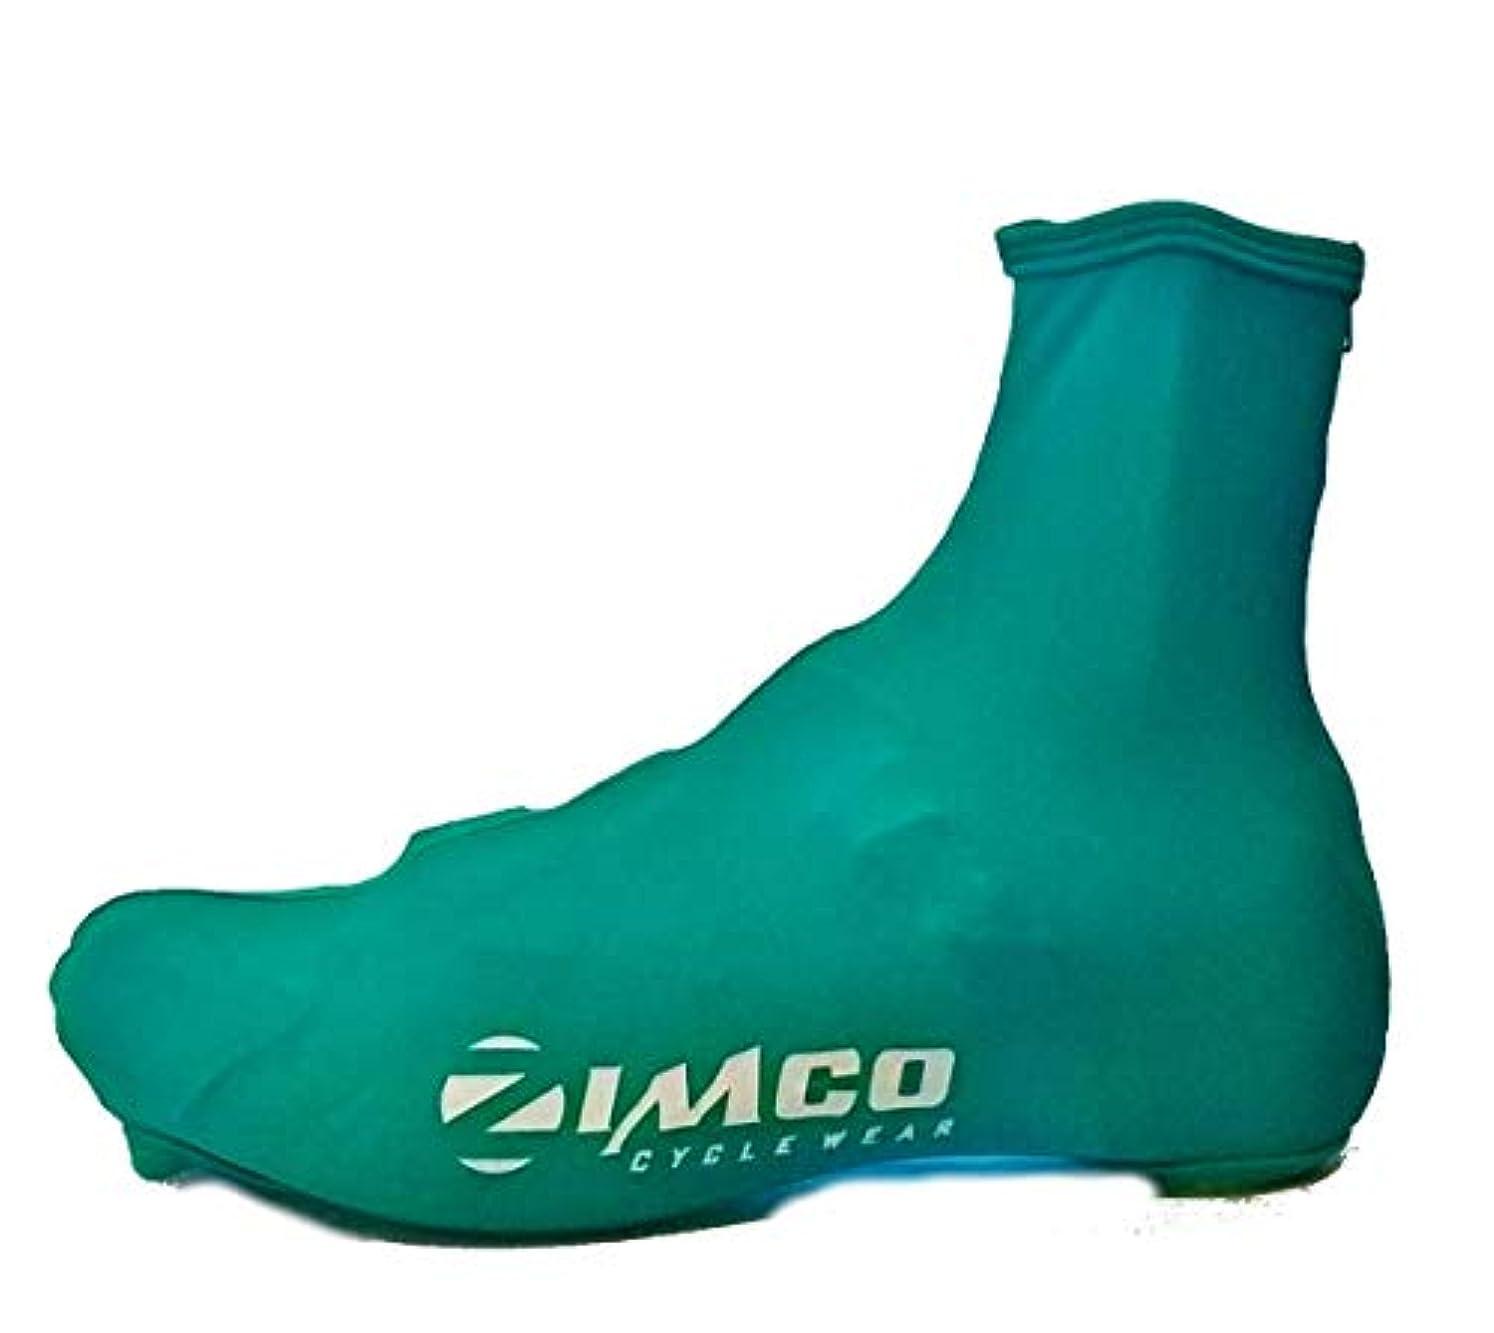 人生を作る検出する市民Zimco ライクラ サイクリング 自転車 靴カバー ブーティー 後部ジッパー付き